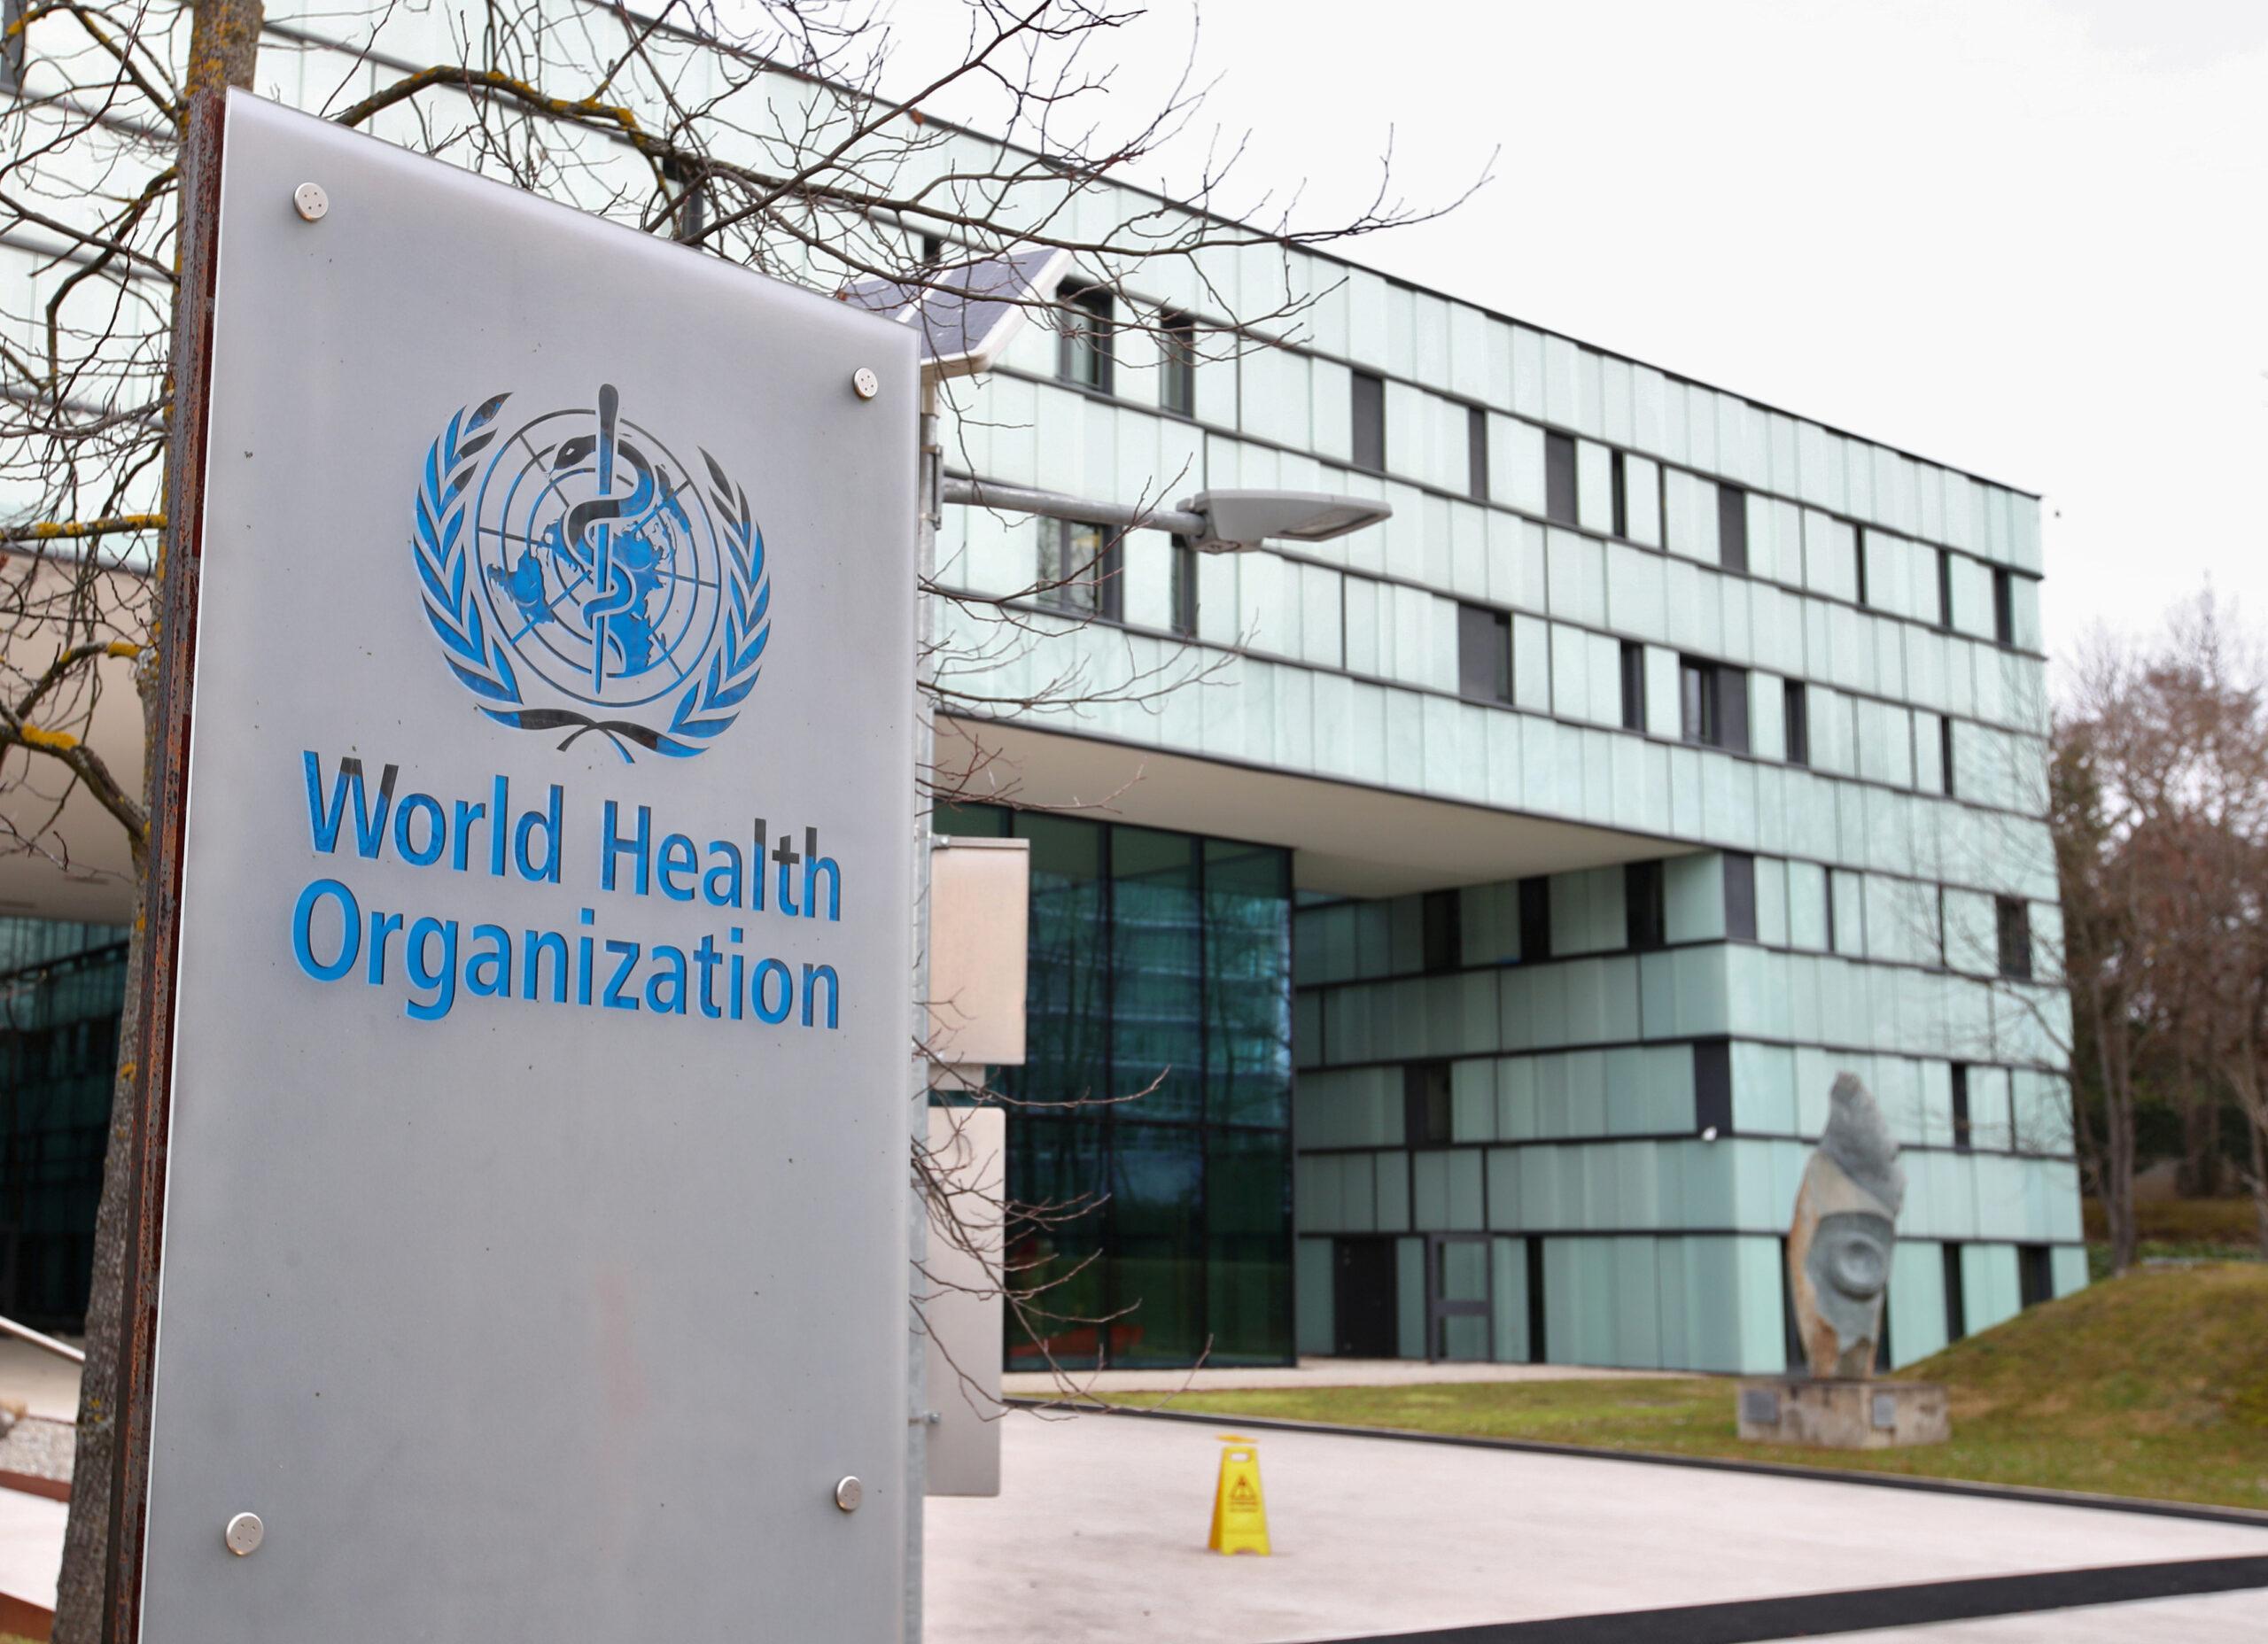 Seu de l'Organització Mundial de la Salut (OMS) a Ginebra, Suïssa | ACN